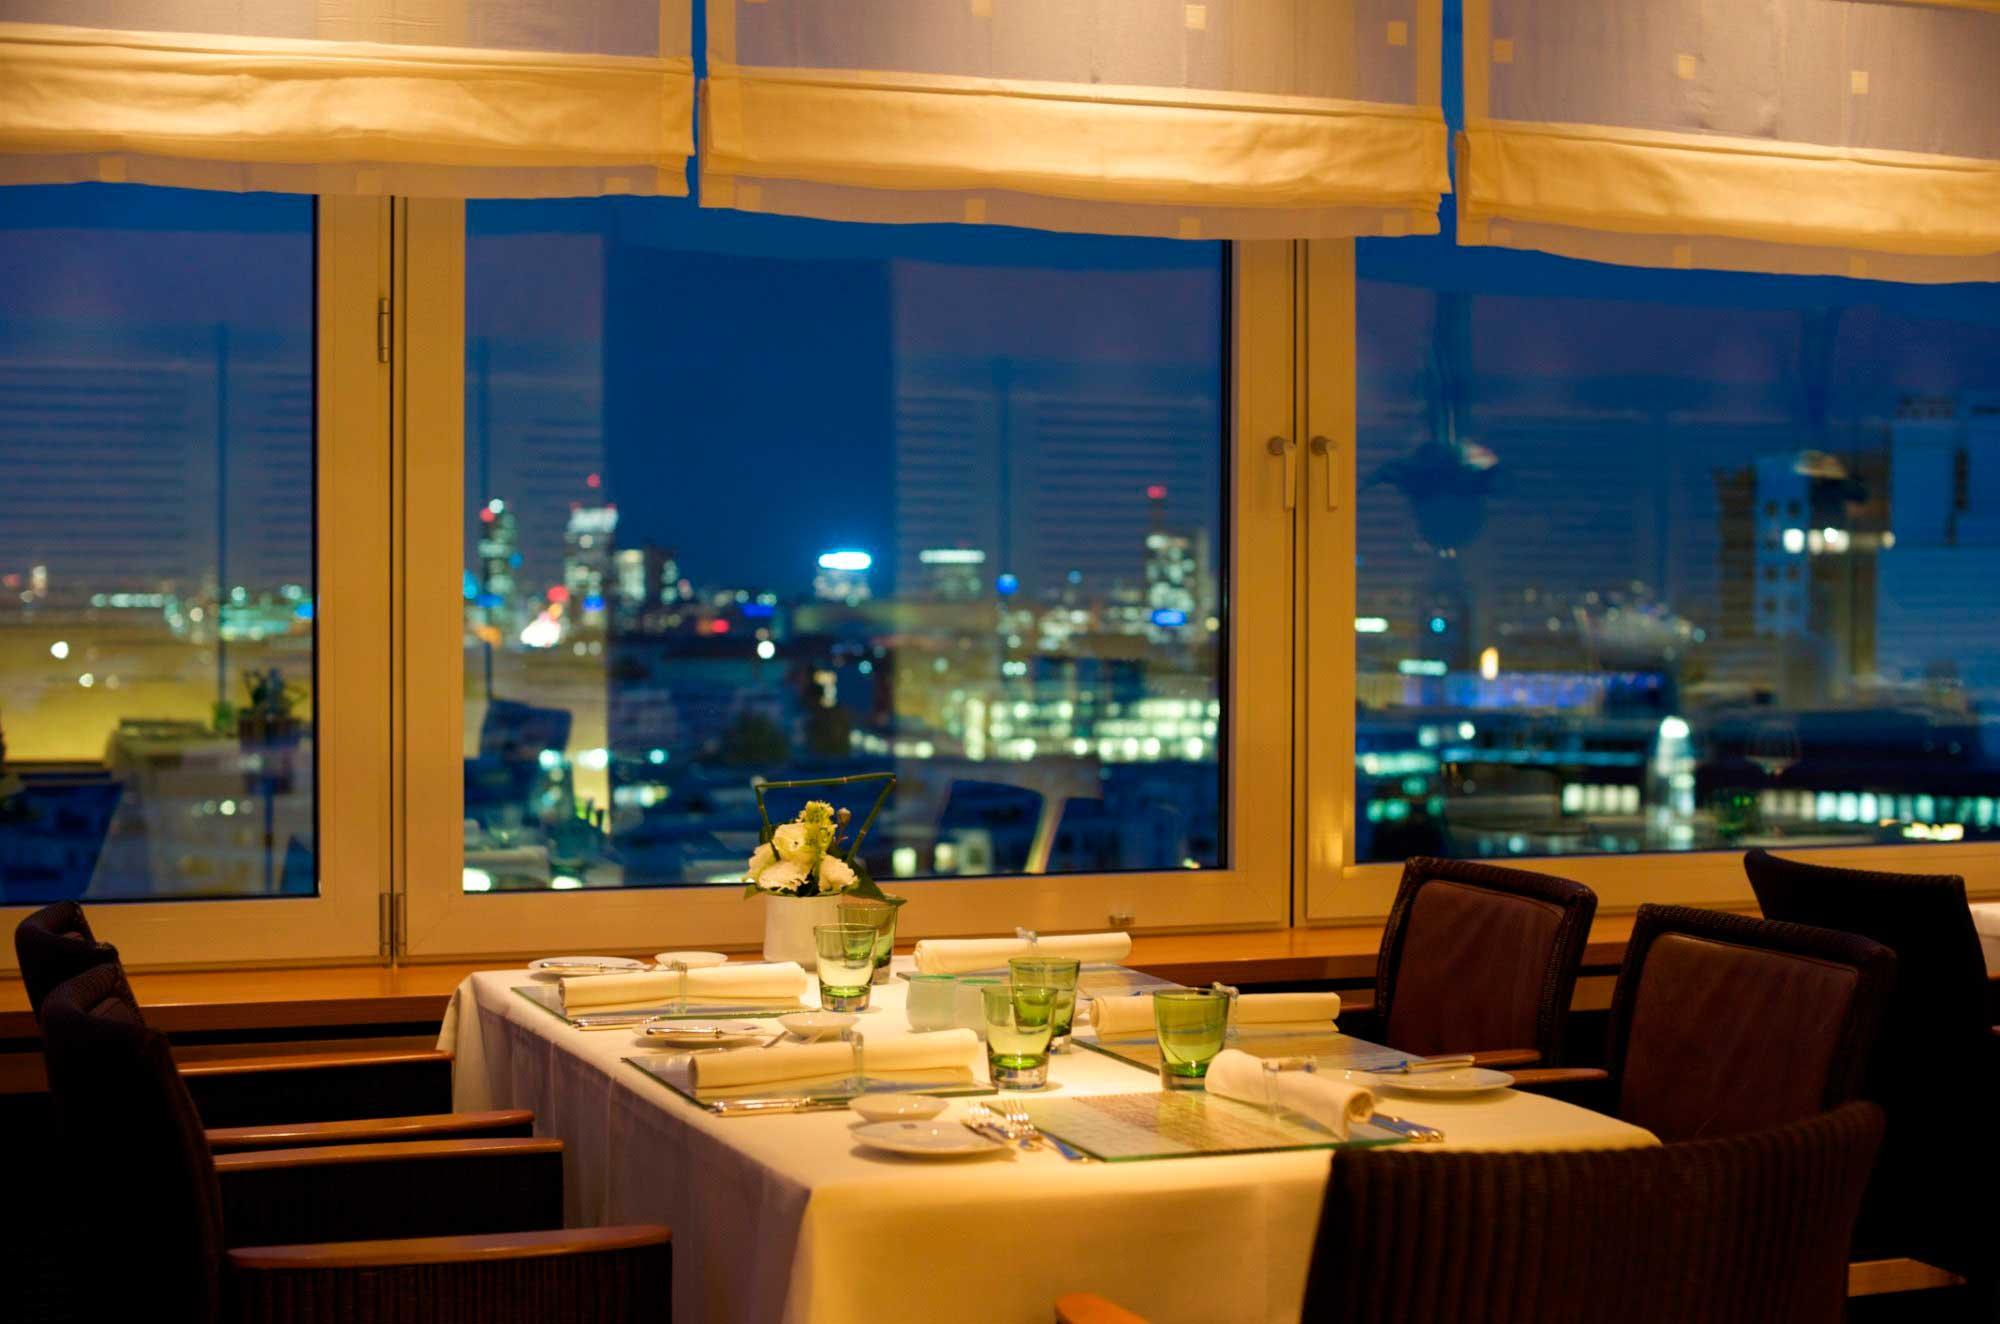 Crédito foto: http://www.restaurants-berlin.com/en/restaurant/Hugos